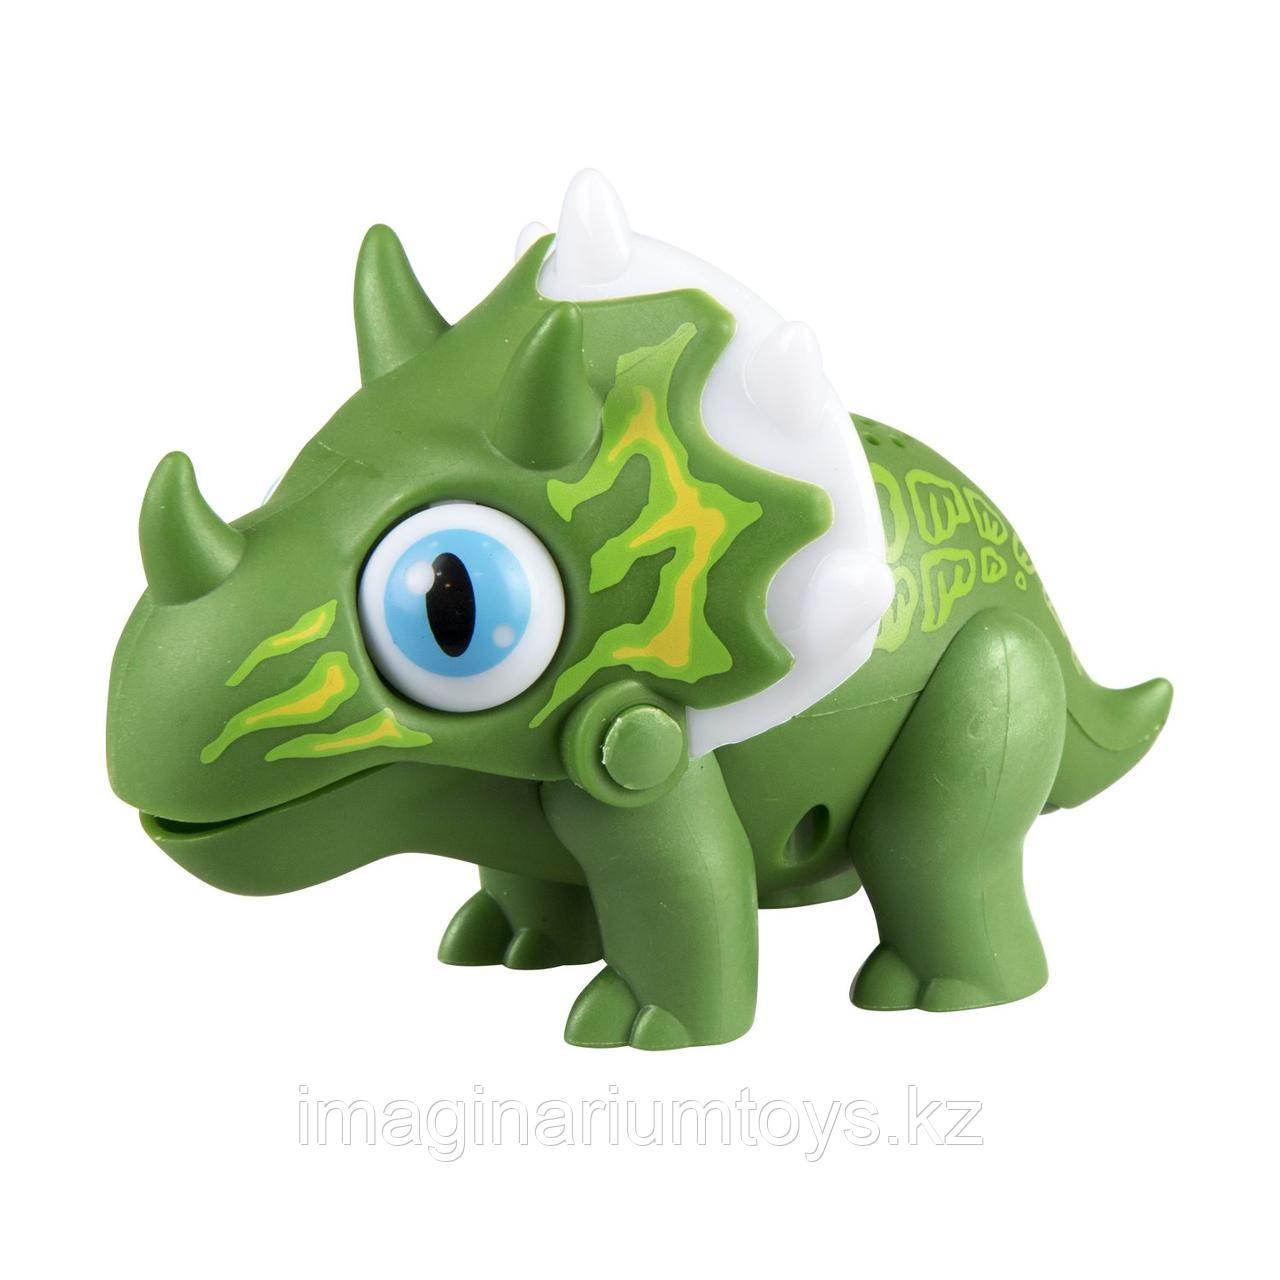 Робот динозавр интерактивный Глупи зеленый Silverlit